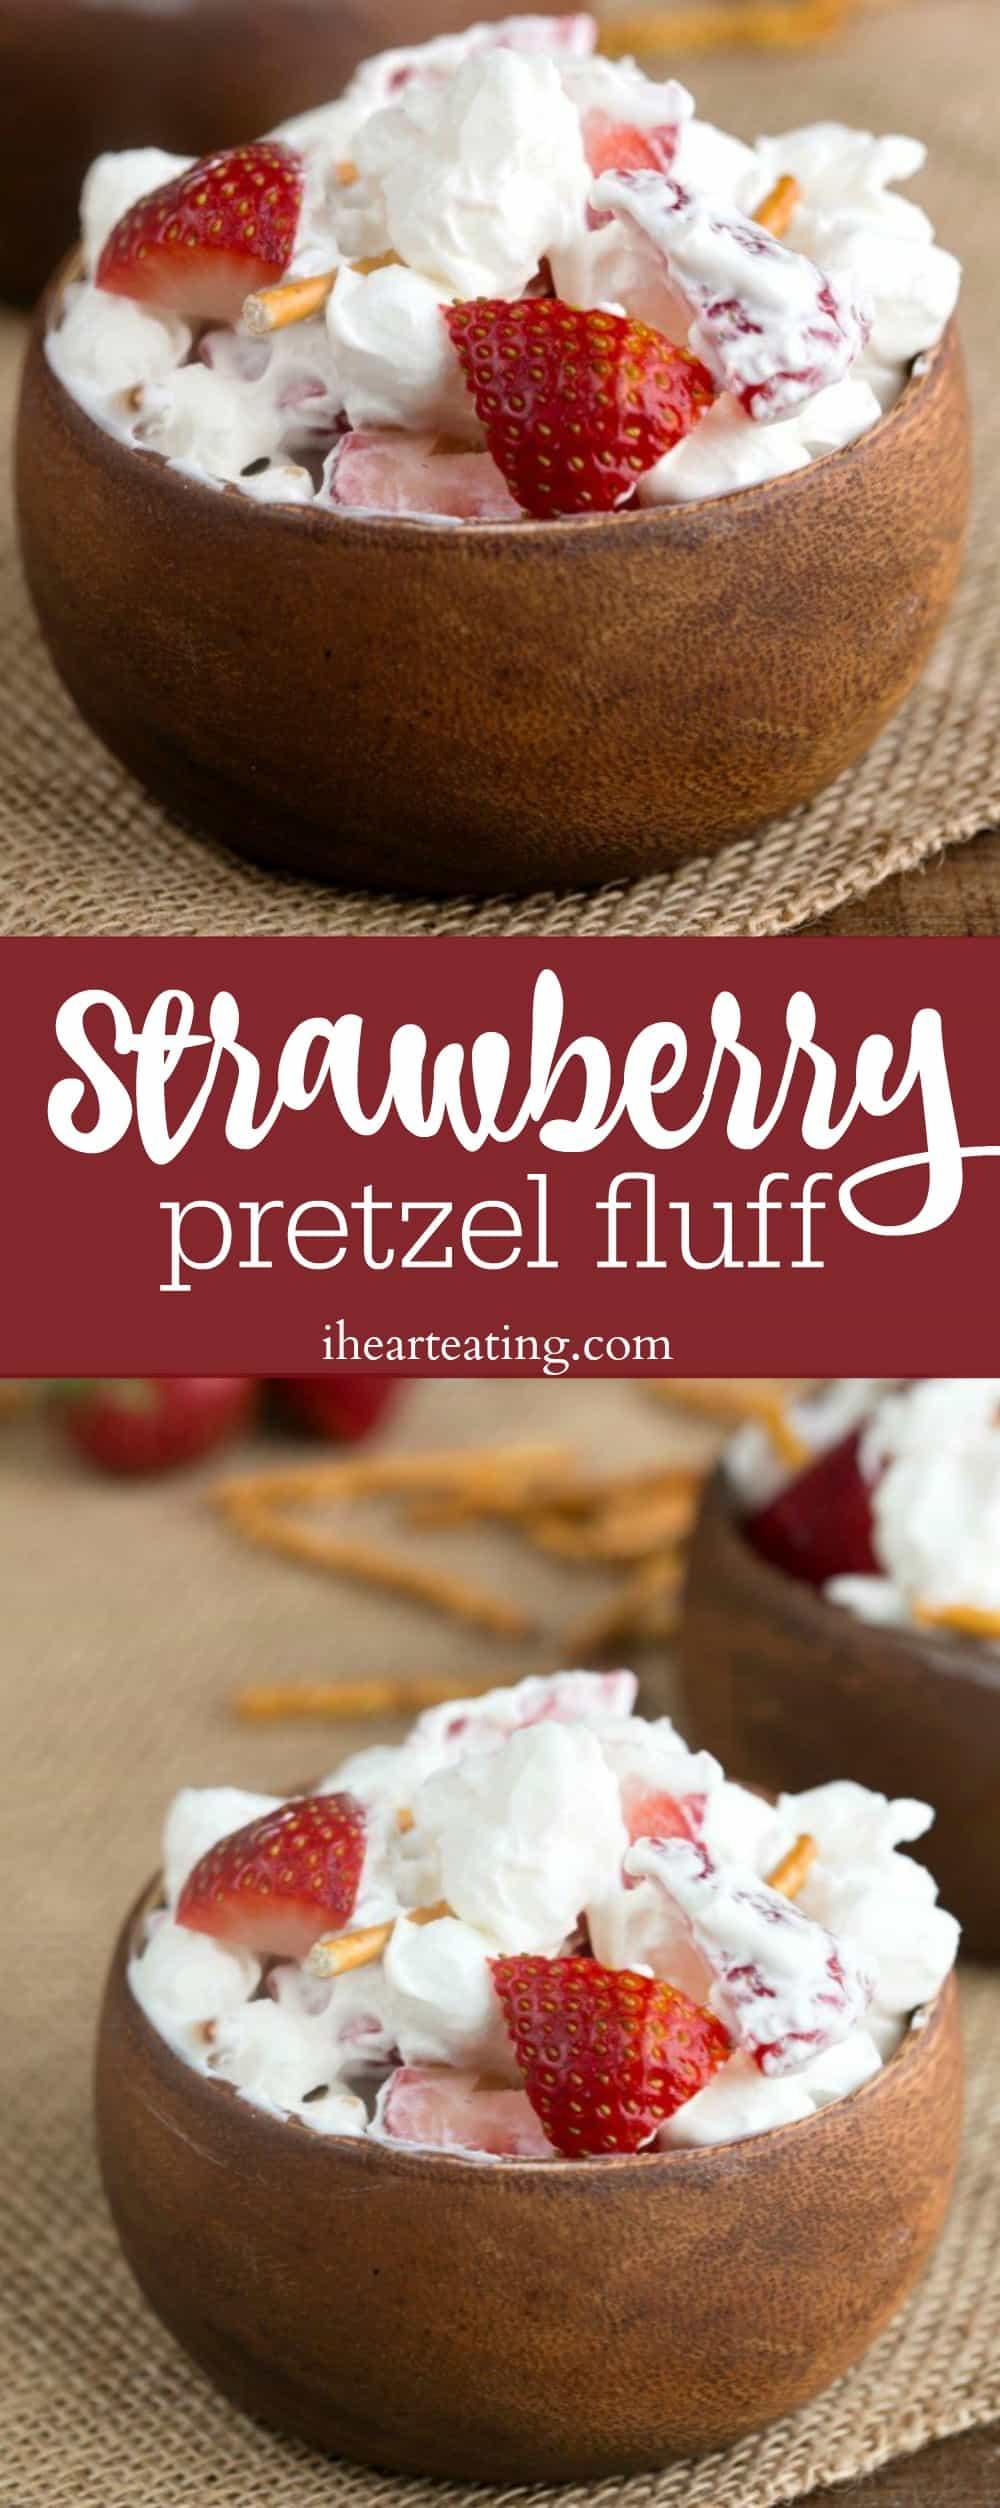 Strawberry Pretzel Fluff Recipe